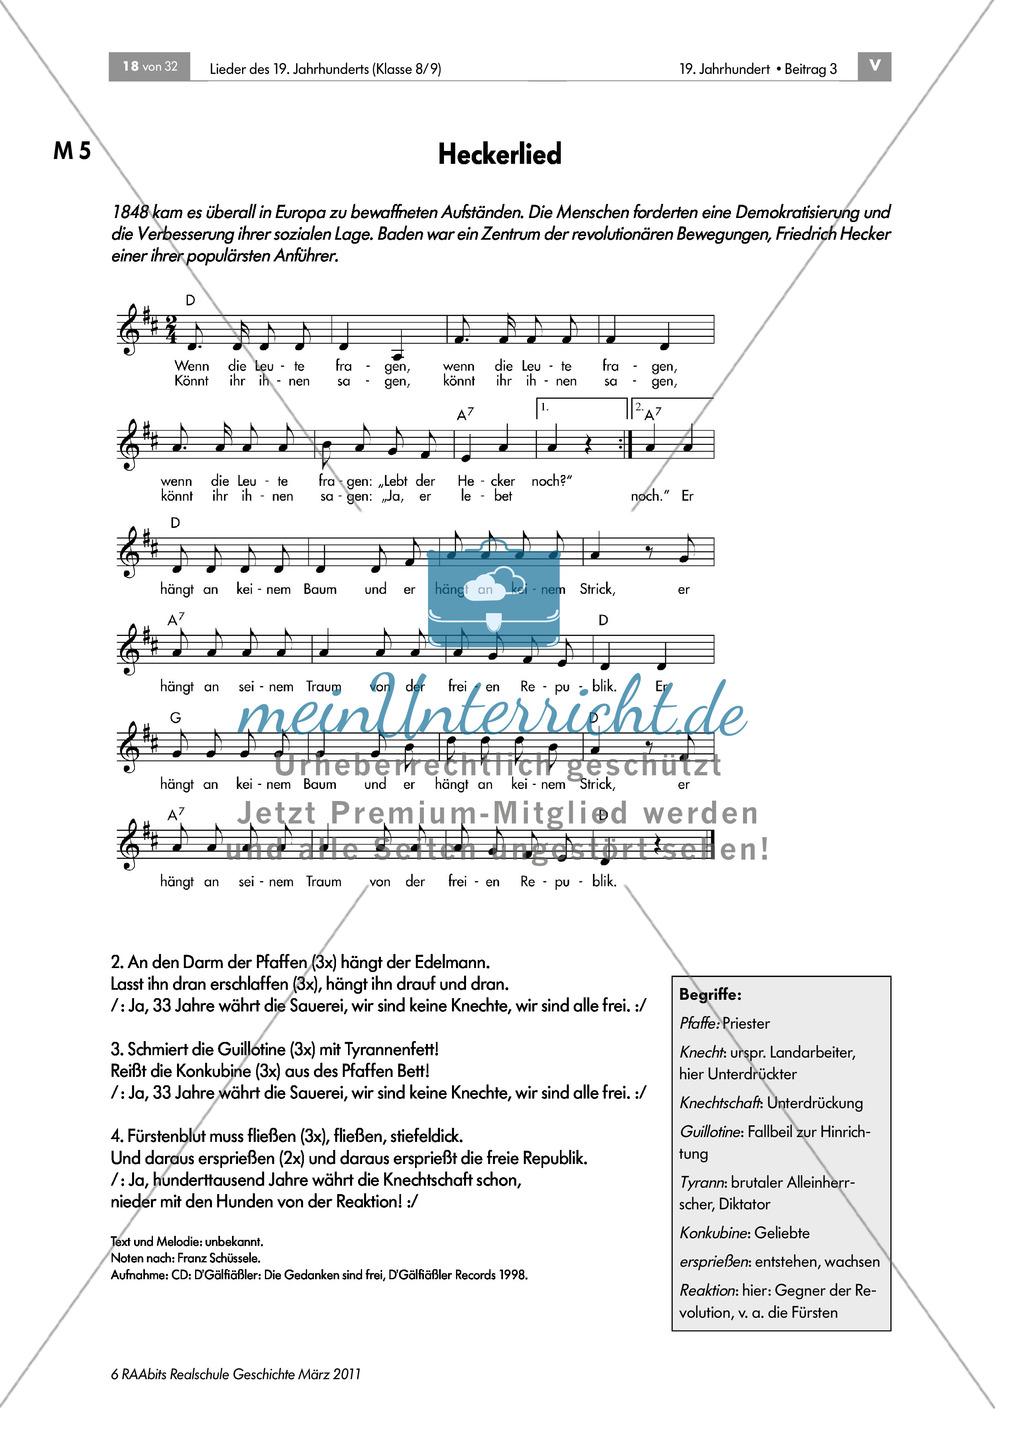 """Lieder des 19. Jahrhunderts: Revolutionslied von 1848/49: """"Heckerlied"""" + grafische Darstellung des Melodieverlaufs erstellen + Biografie Friedrich Hecker erarbeiten + Poster erstellen Preview 1"""